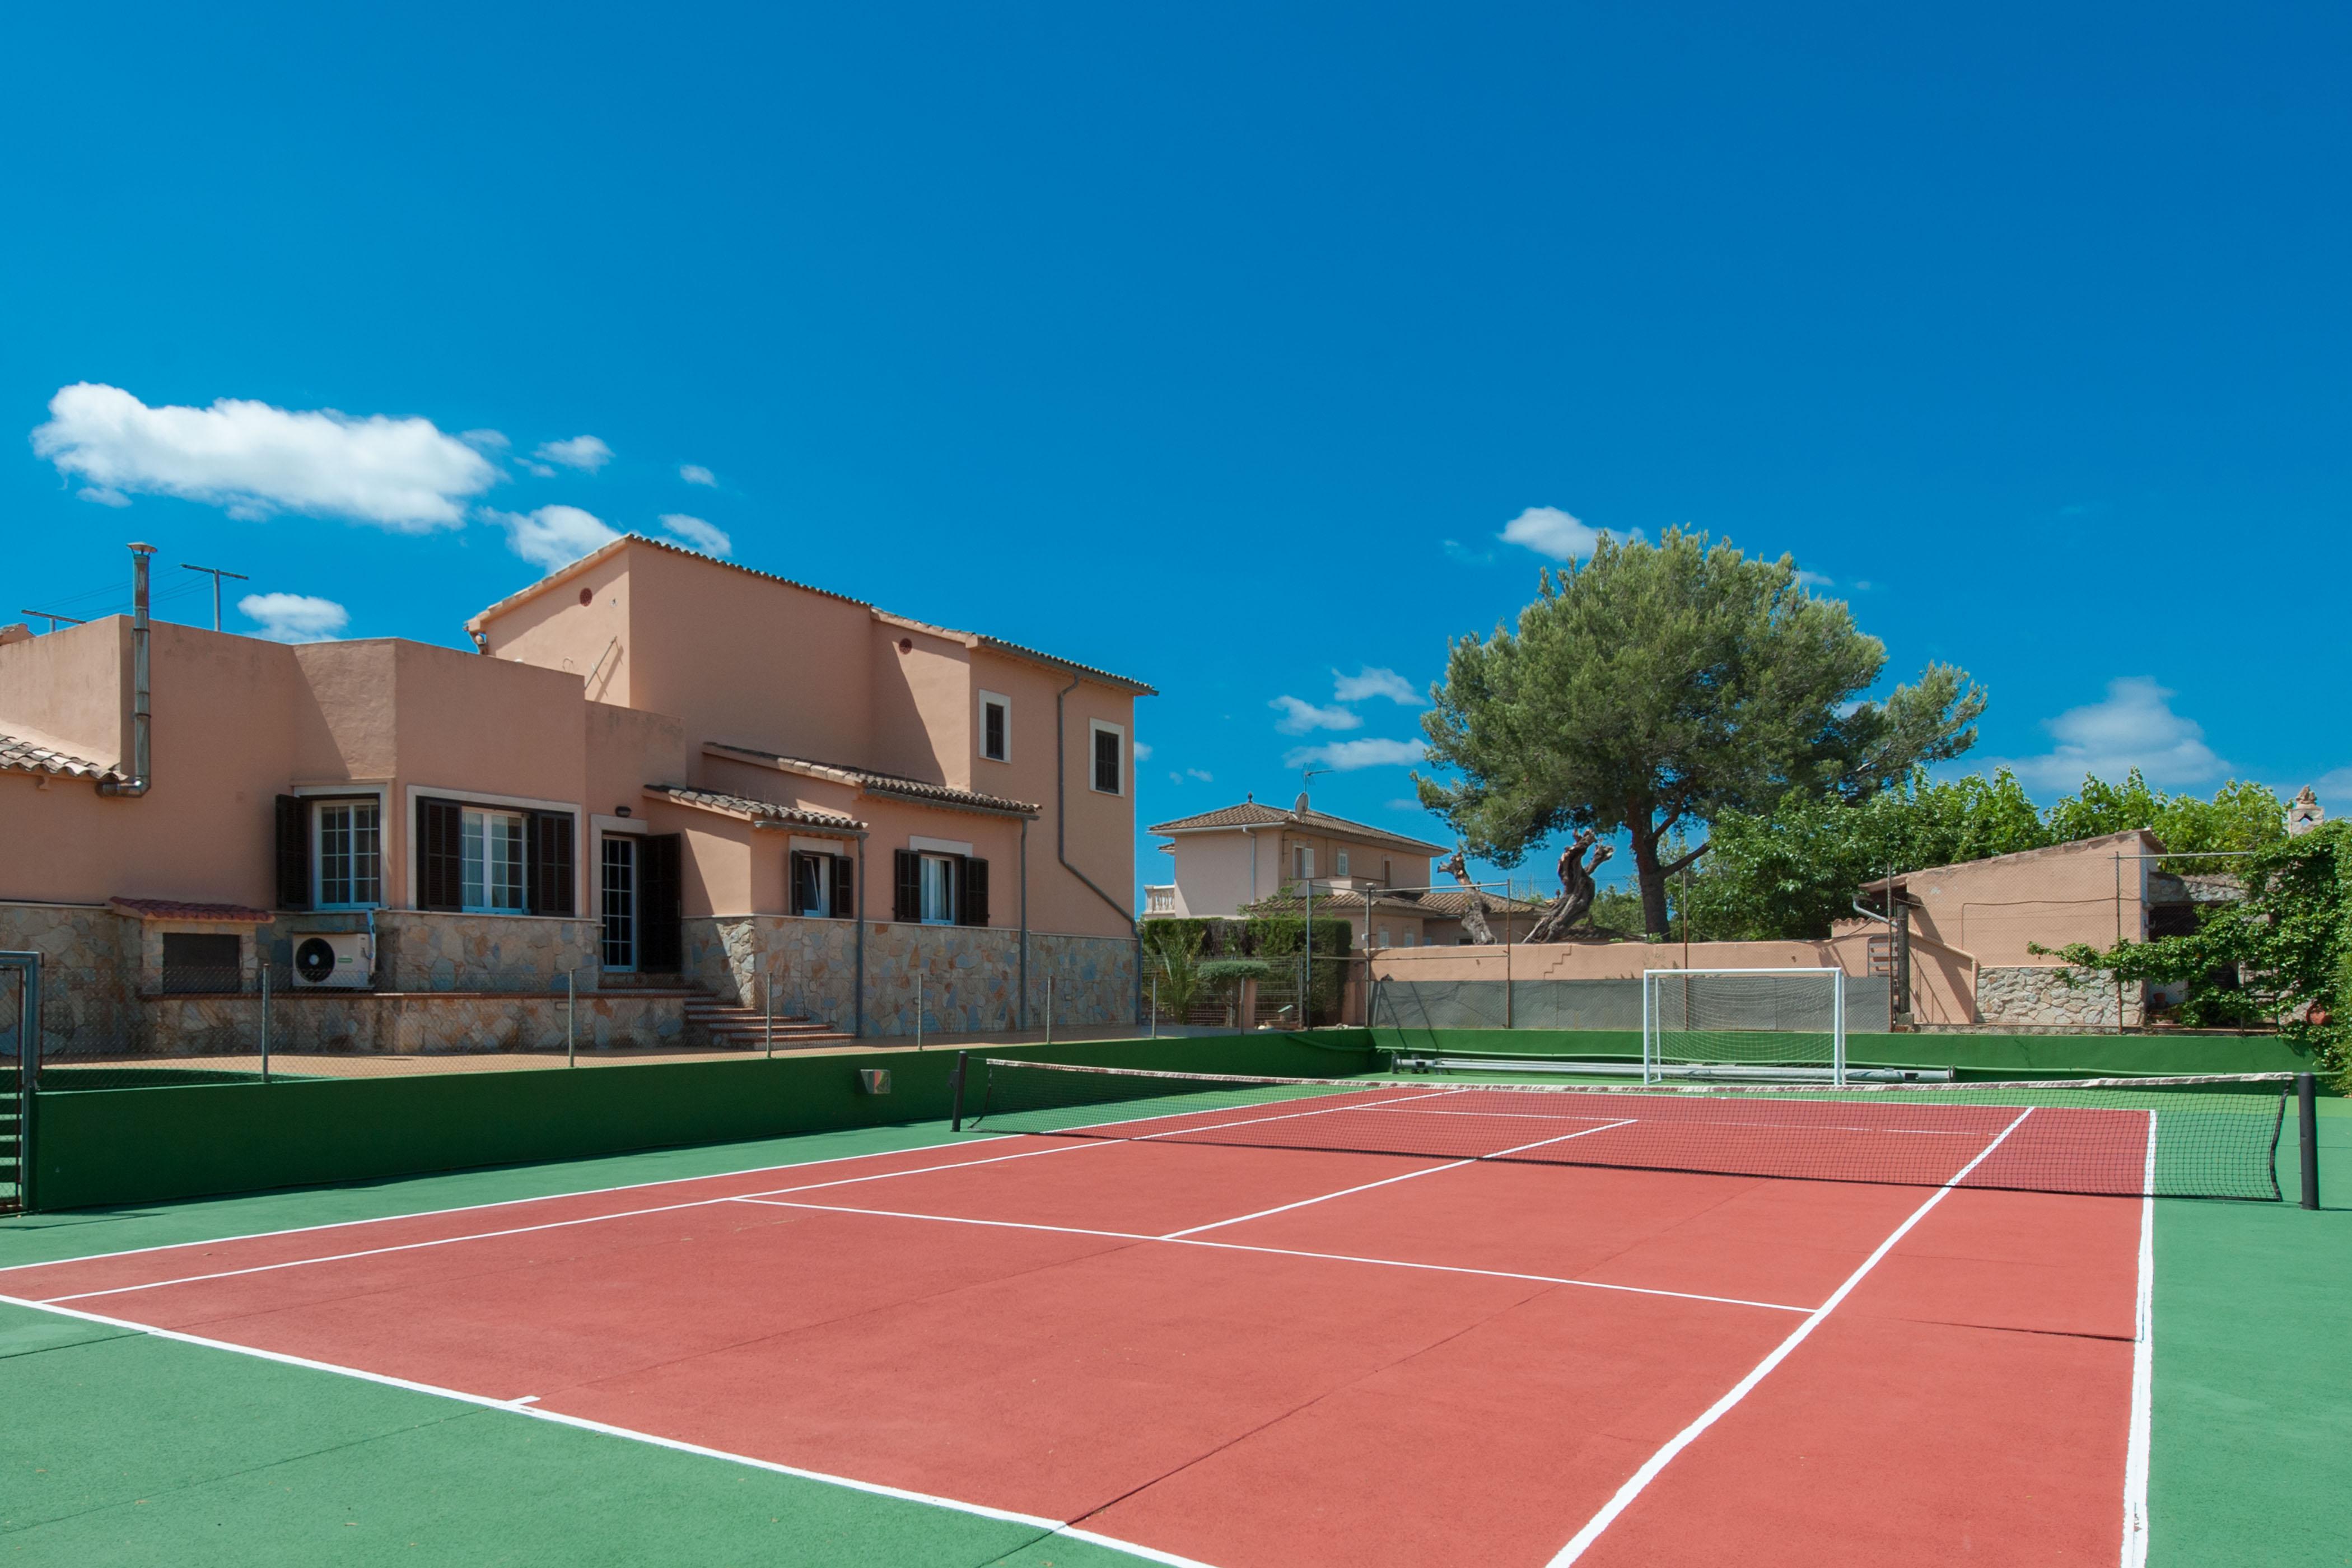 Ferienhaus GARROVERETA (2284823), Marratxi, Mallorca, Balearische Inseln, Spanien, Bild 21